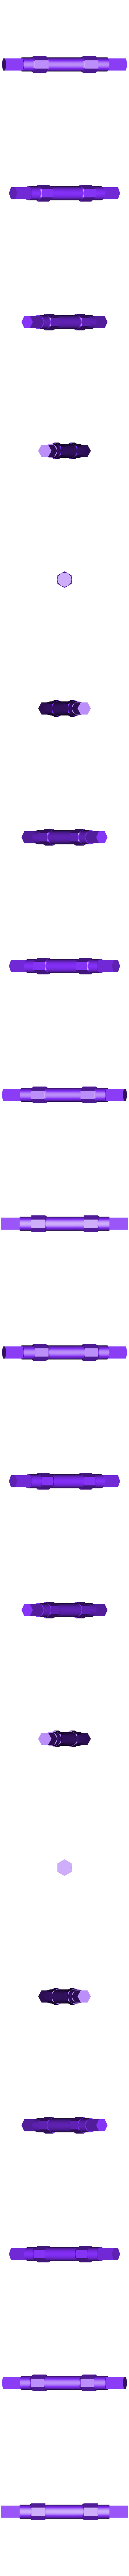 Axle_Rear.stl Télécharger fichier STL gratuit Tabletop Tri-Mode Spring Motor Rolling Chassis • Design pour imprimante 3D, gzumwalt